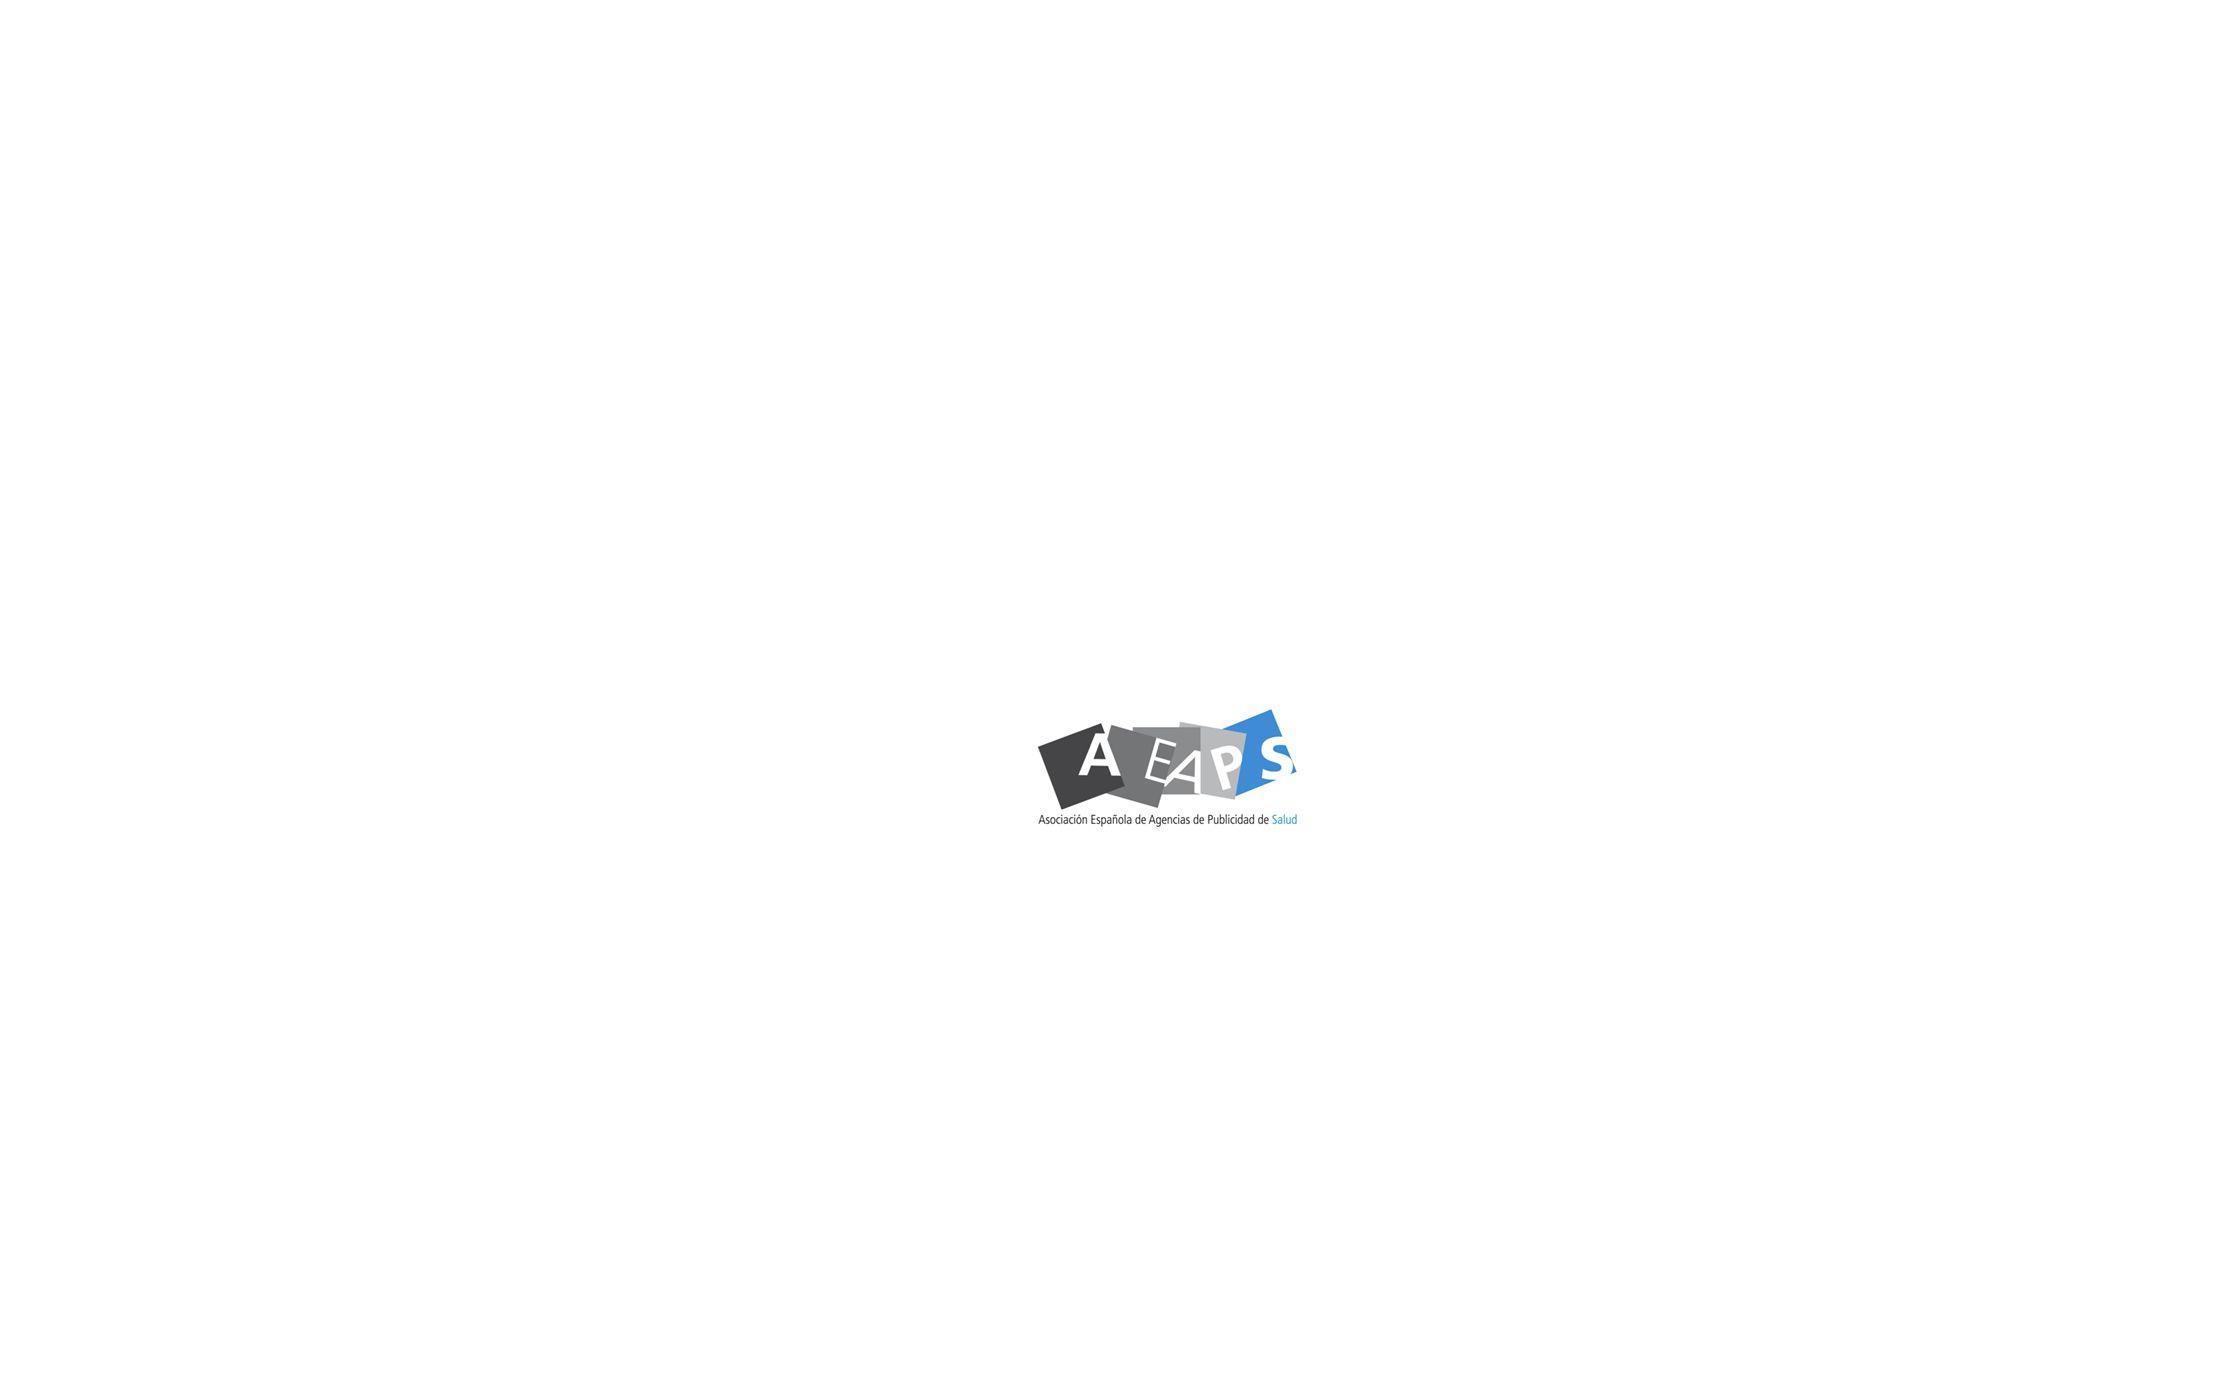 ESPACIO DIGITAL 2013 EL IMPACTO DE LAS NUEVAS TECNOLOGÍAS EN EL MERCADO DE SALUD RESULTADOS DE LA ENCUESTA DE LA ASOCIACION ESPAÑOLA DE AGENCIAS DE PUBLICIDAD DE SALUD